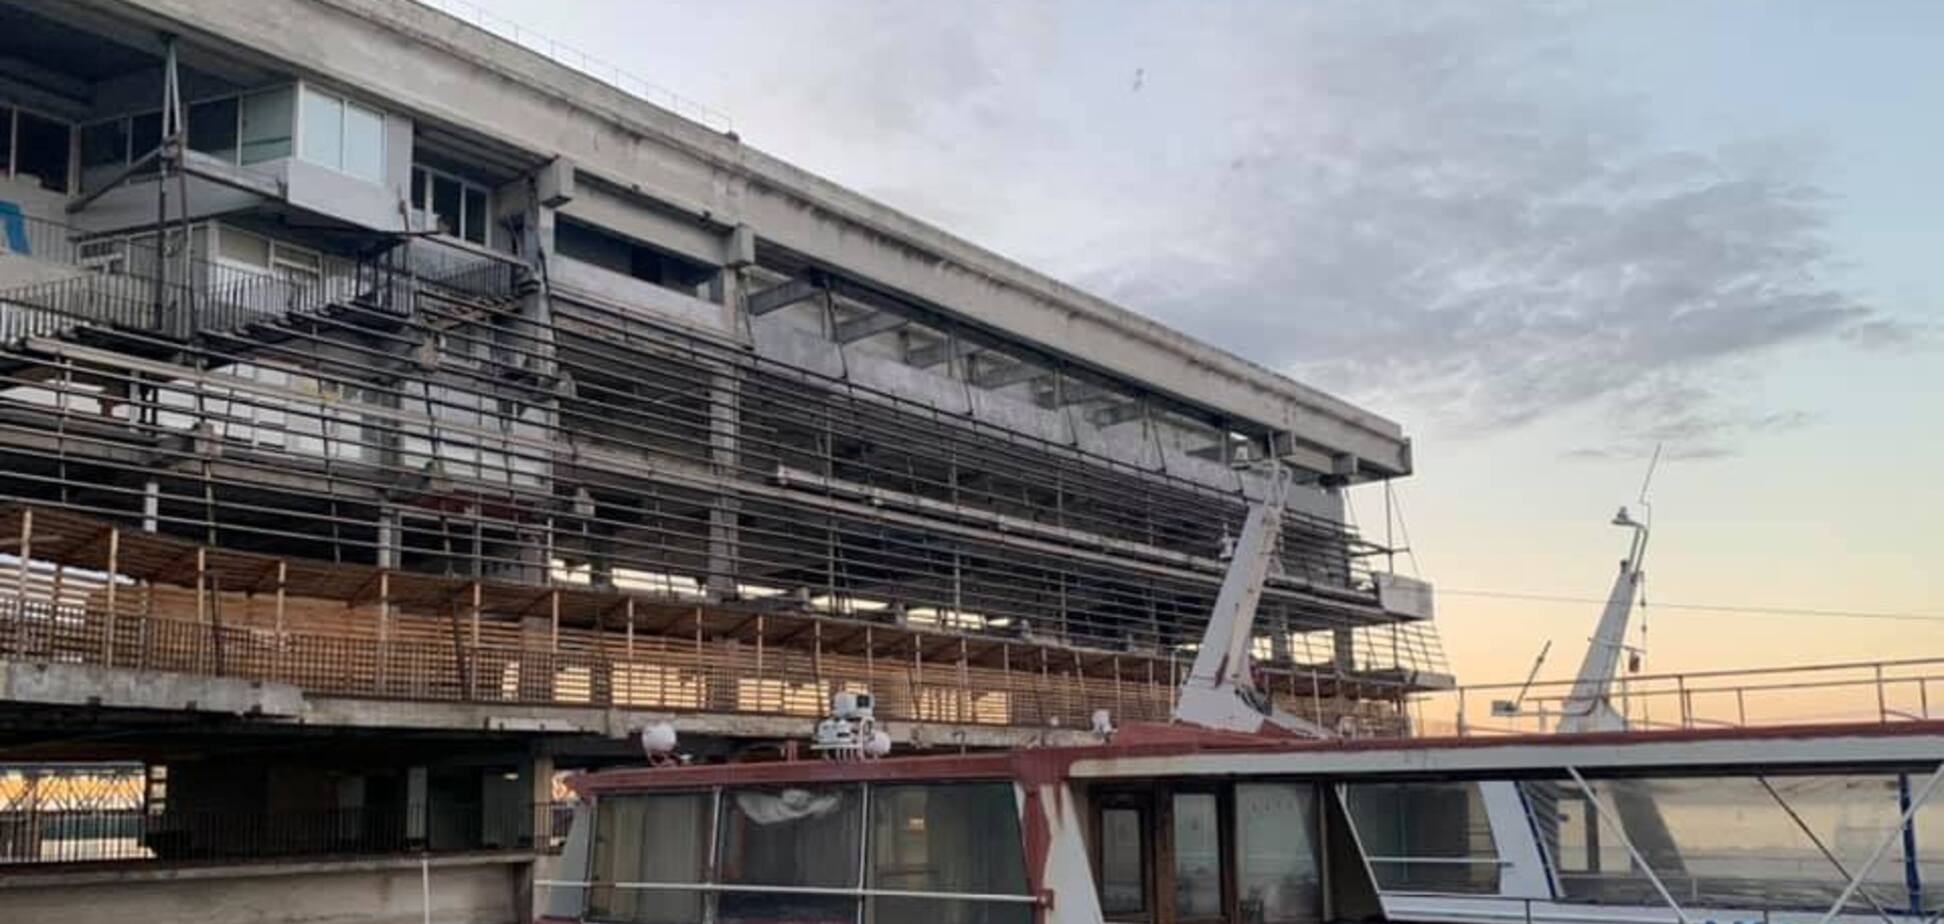 У Дніпрі почали розбирати будівлю річпорту: що буде на його місці. Фото